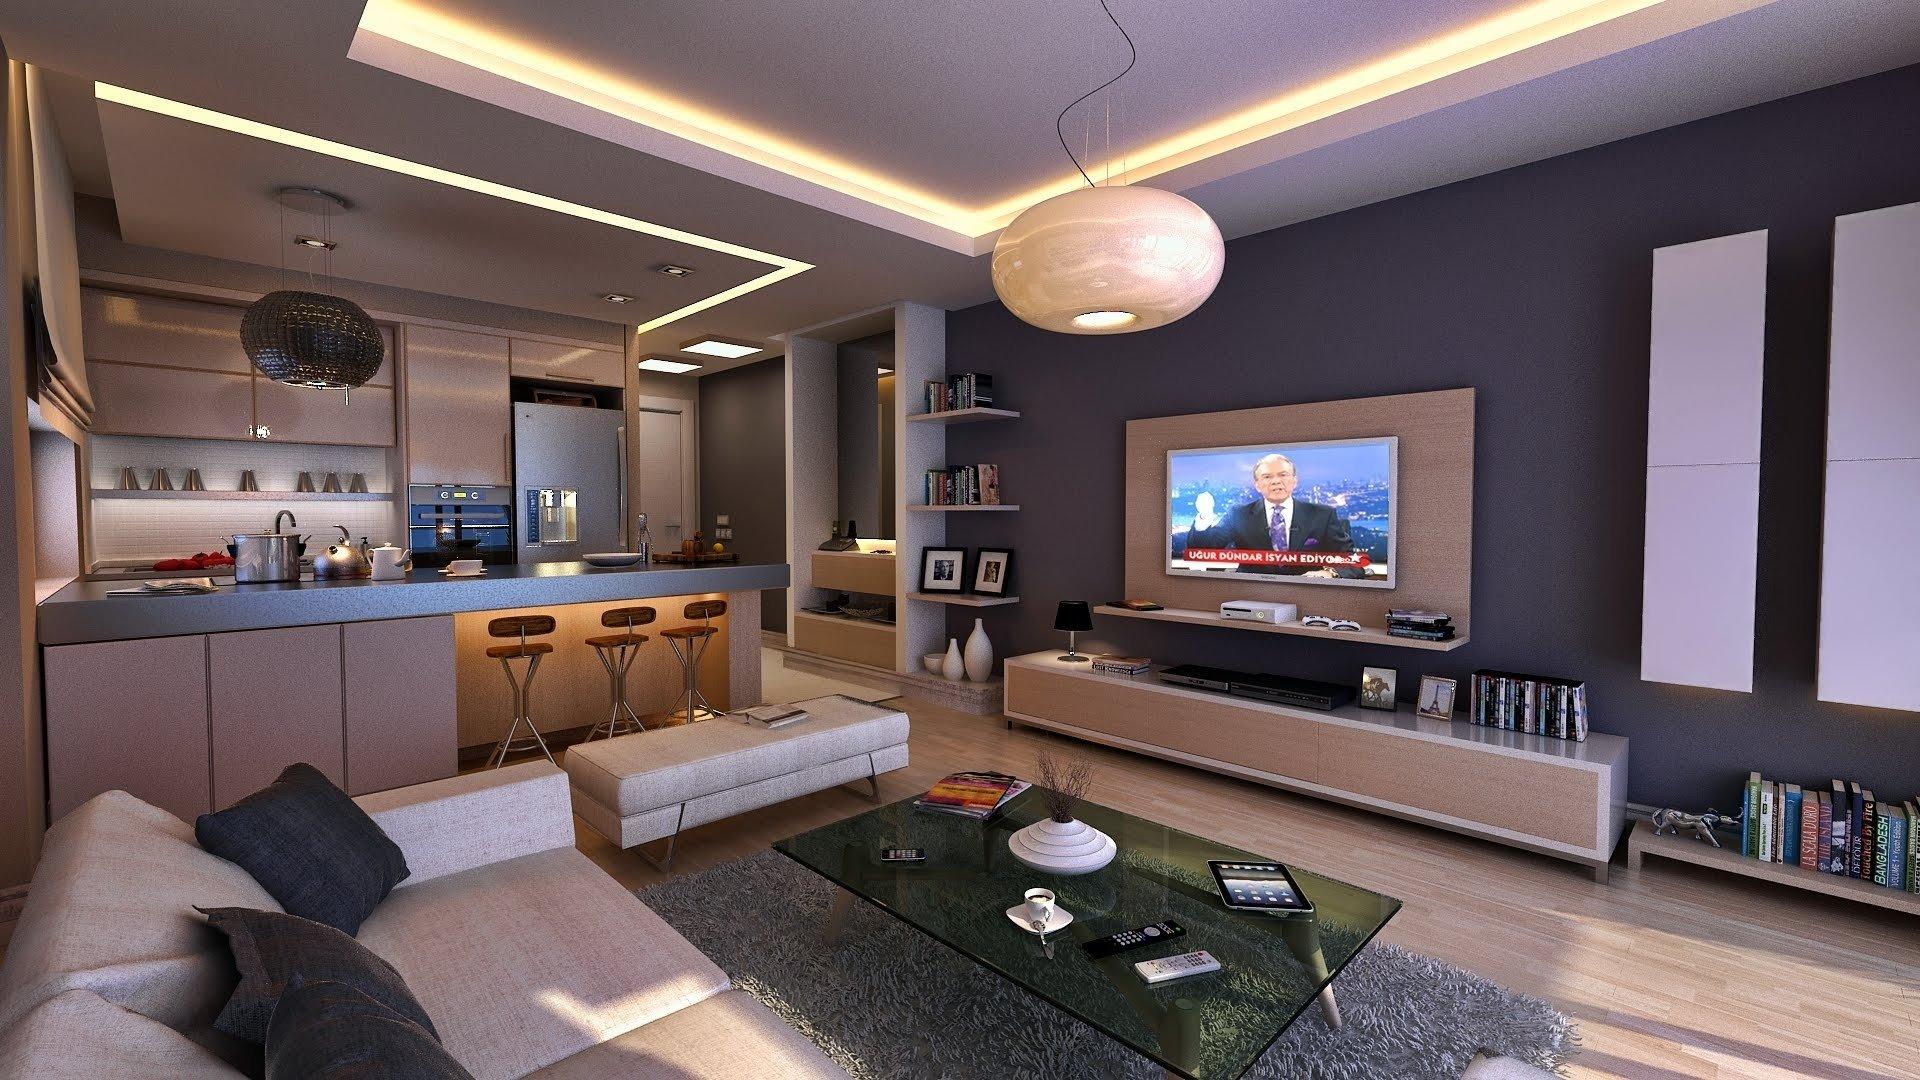 apartment living room interior design ideas - youtube